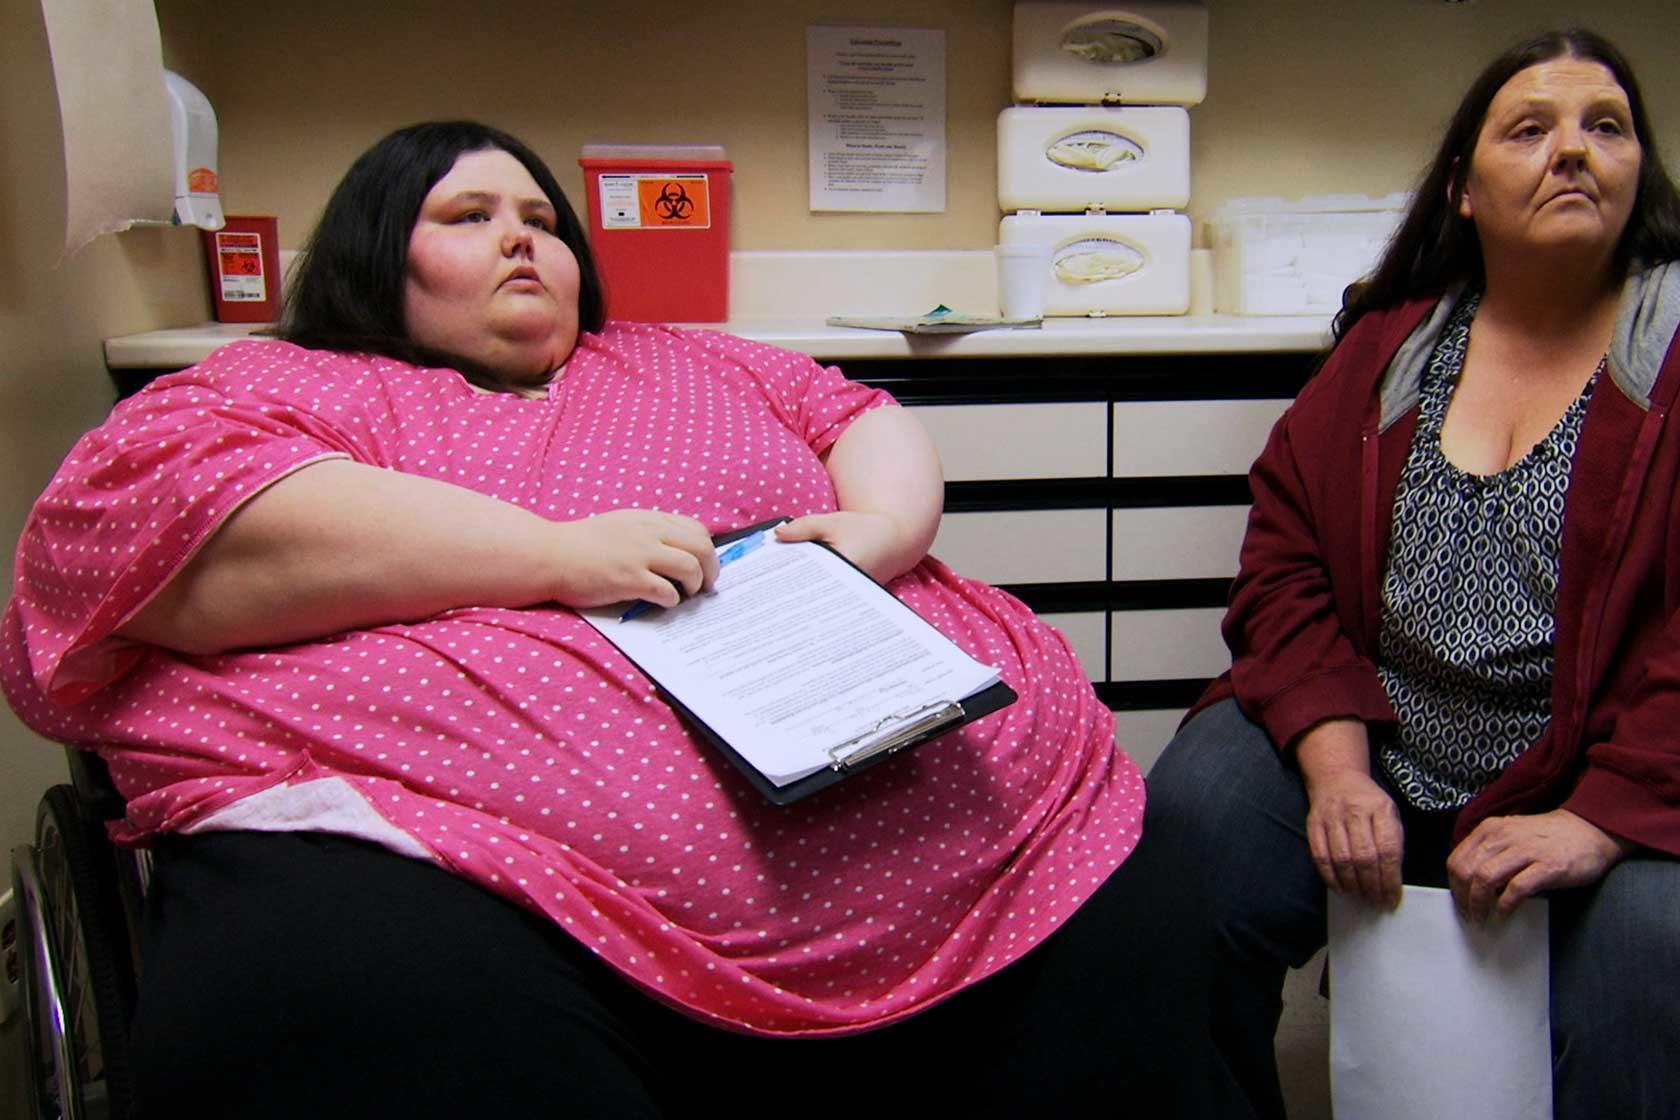 Толстые женщины на прогулке, Фото толстушек с жирными ляжками - лучшие галереи 29 фотография